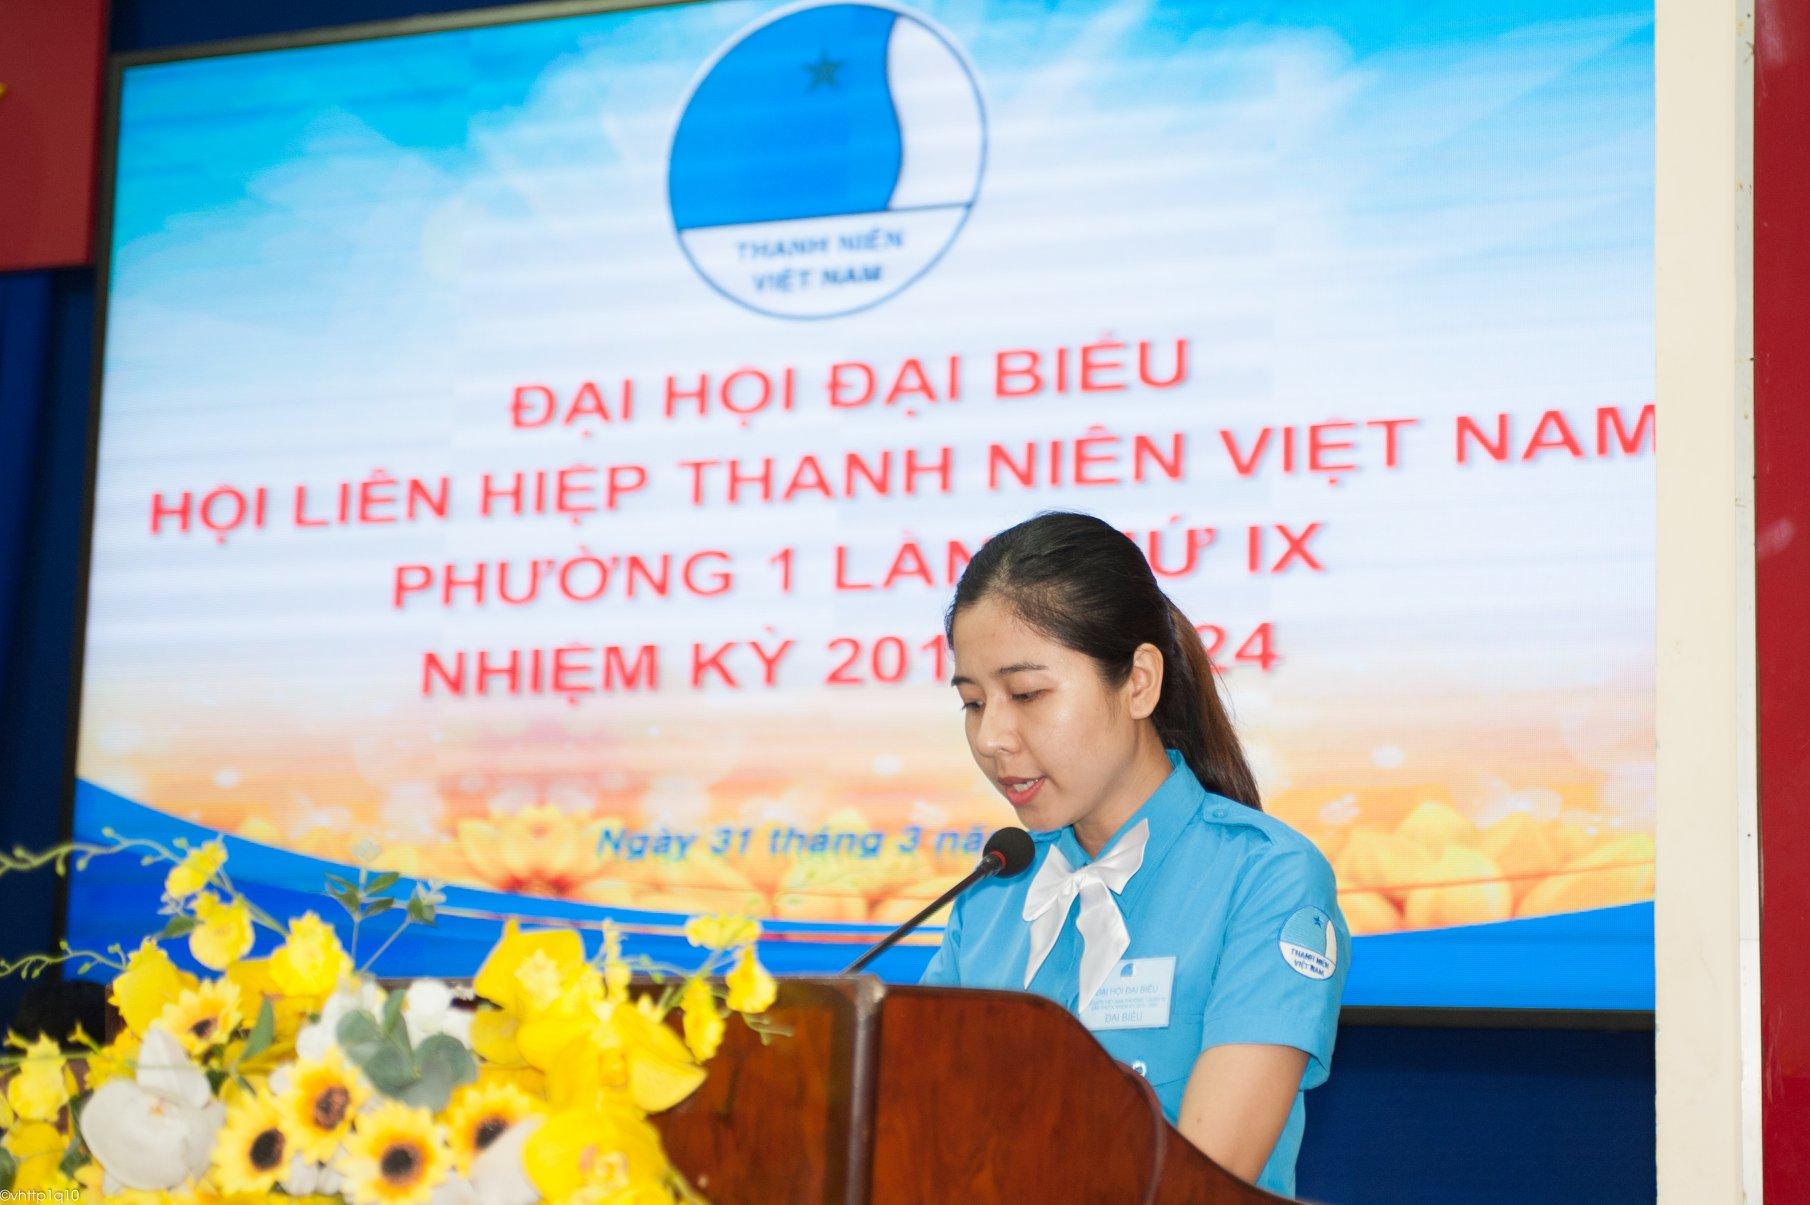 Phường 1 - Đại hội đại biểu Hội LHTN Việt Nam Phường 1 lần thứ IX nhiệm kỳ 2019 - 2014